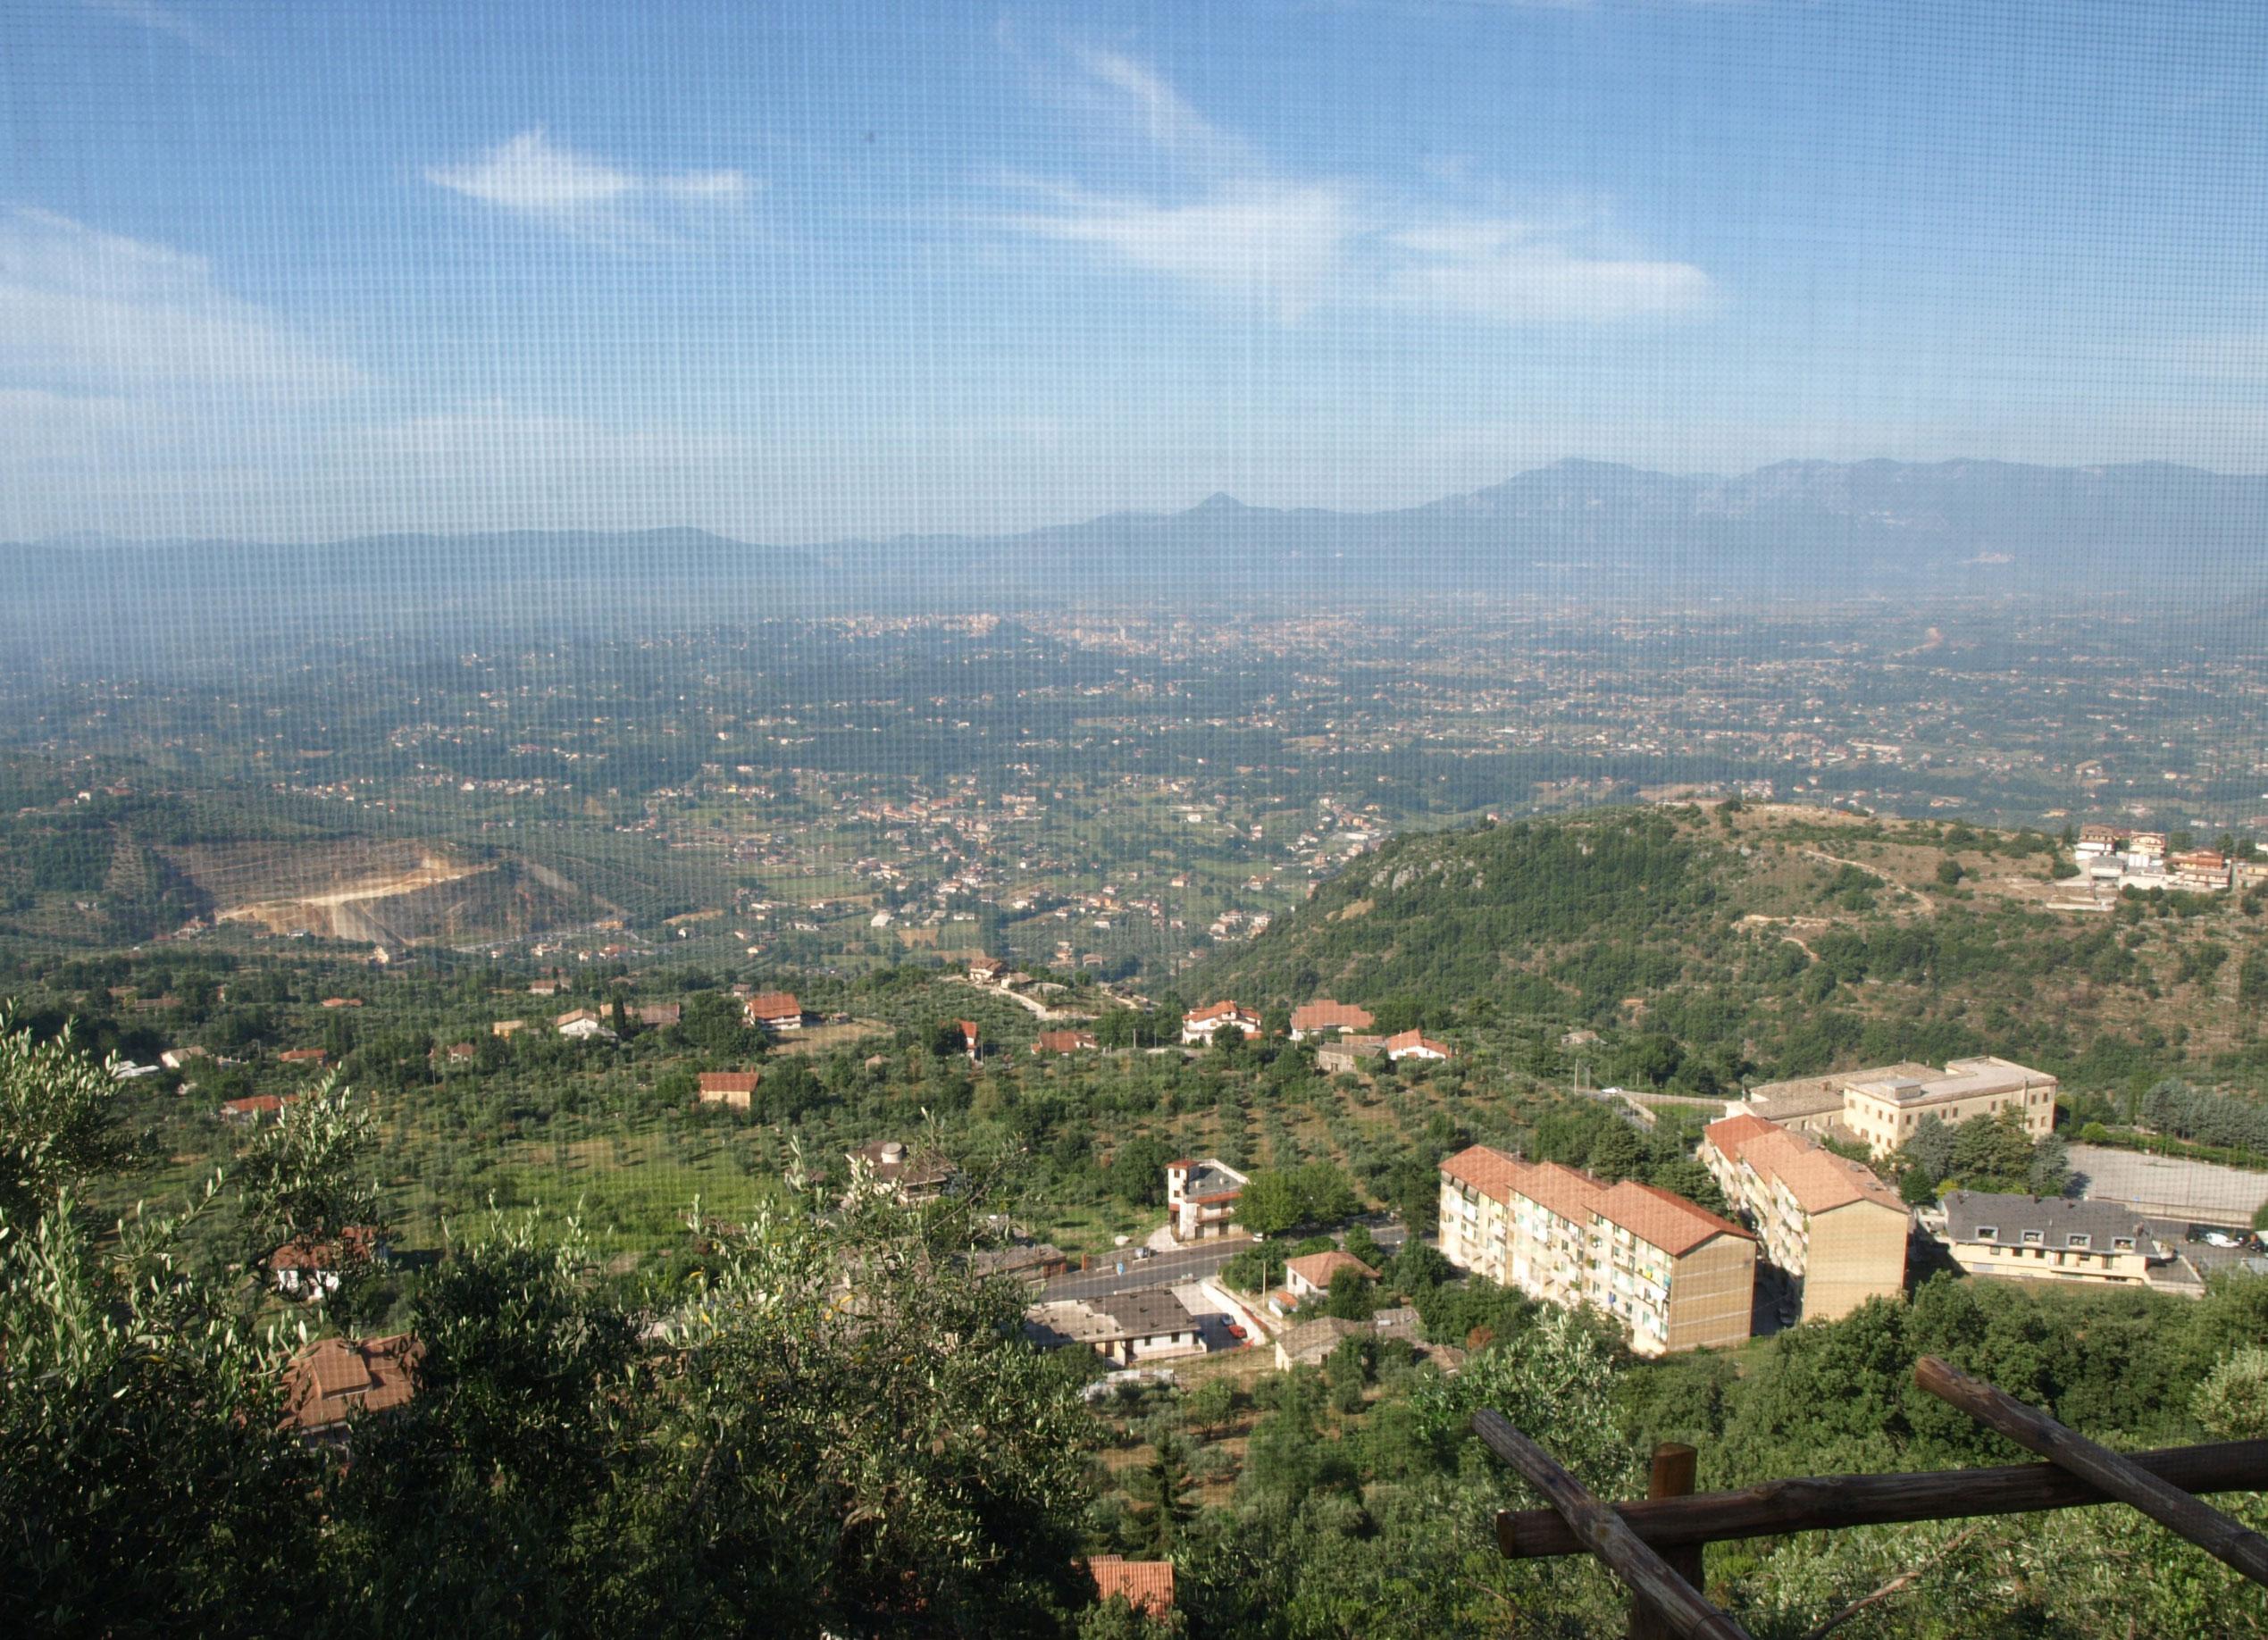 Utsikten fra Casa di Veroli er helt fantastisk